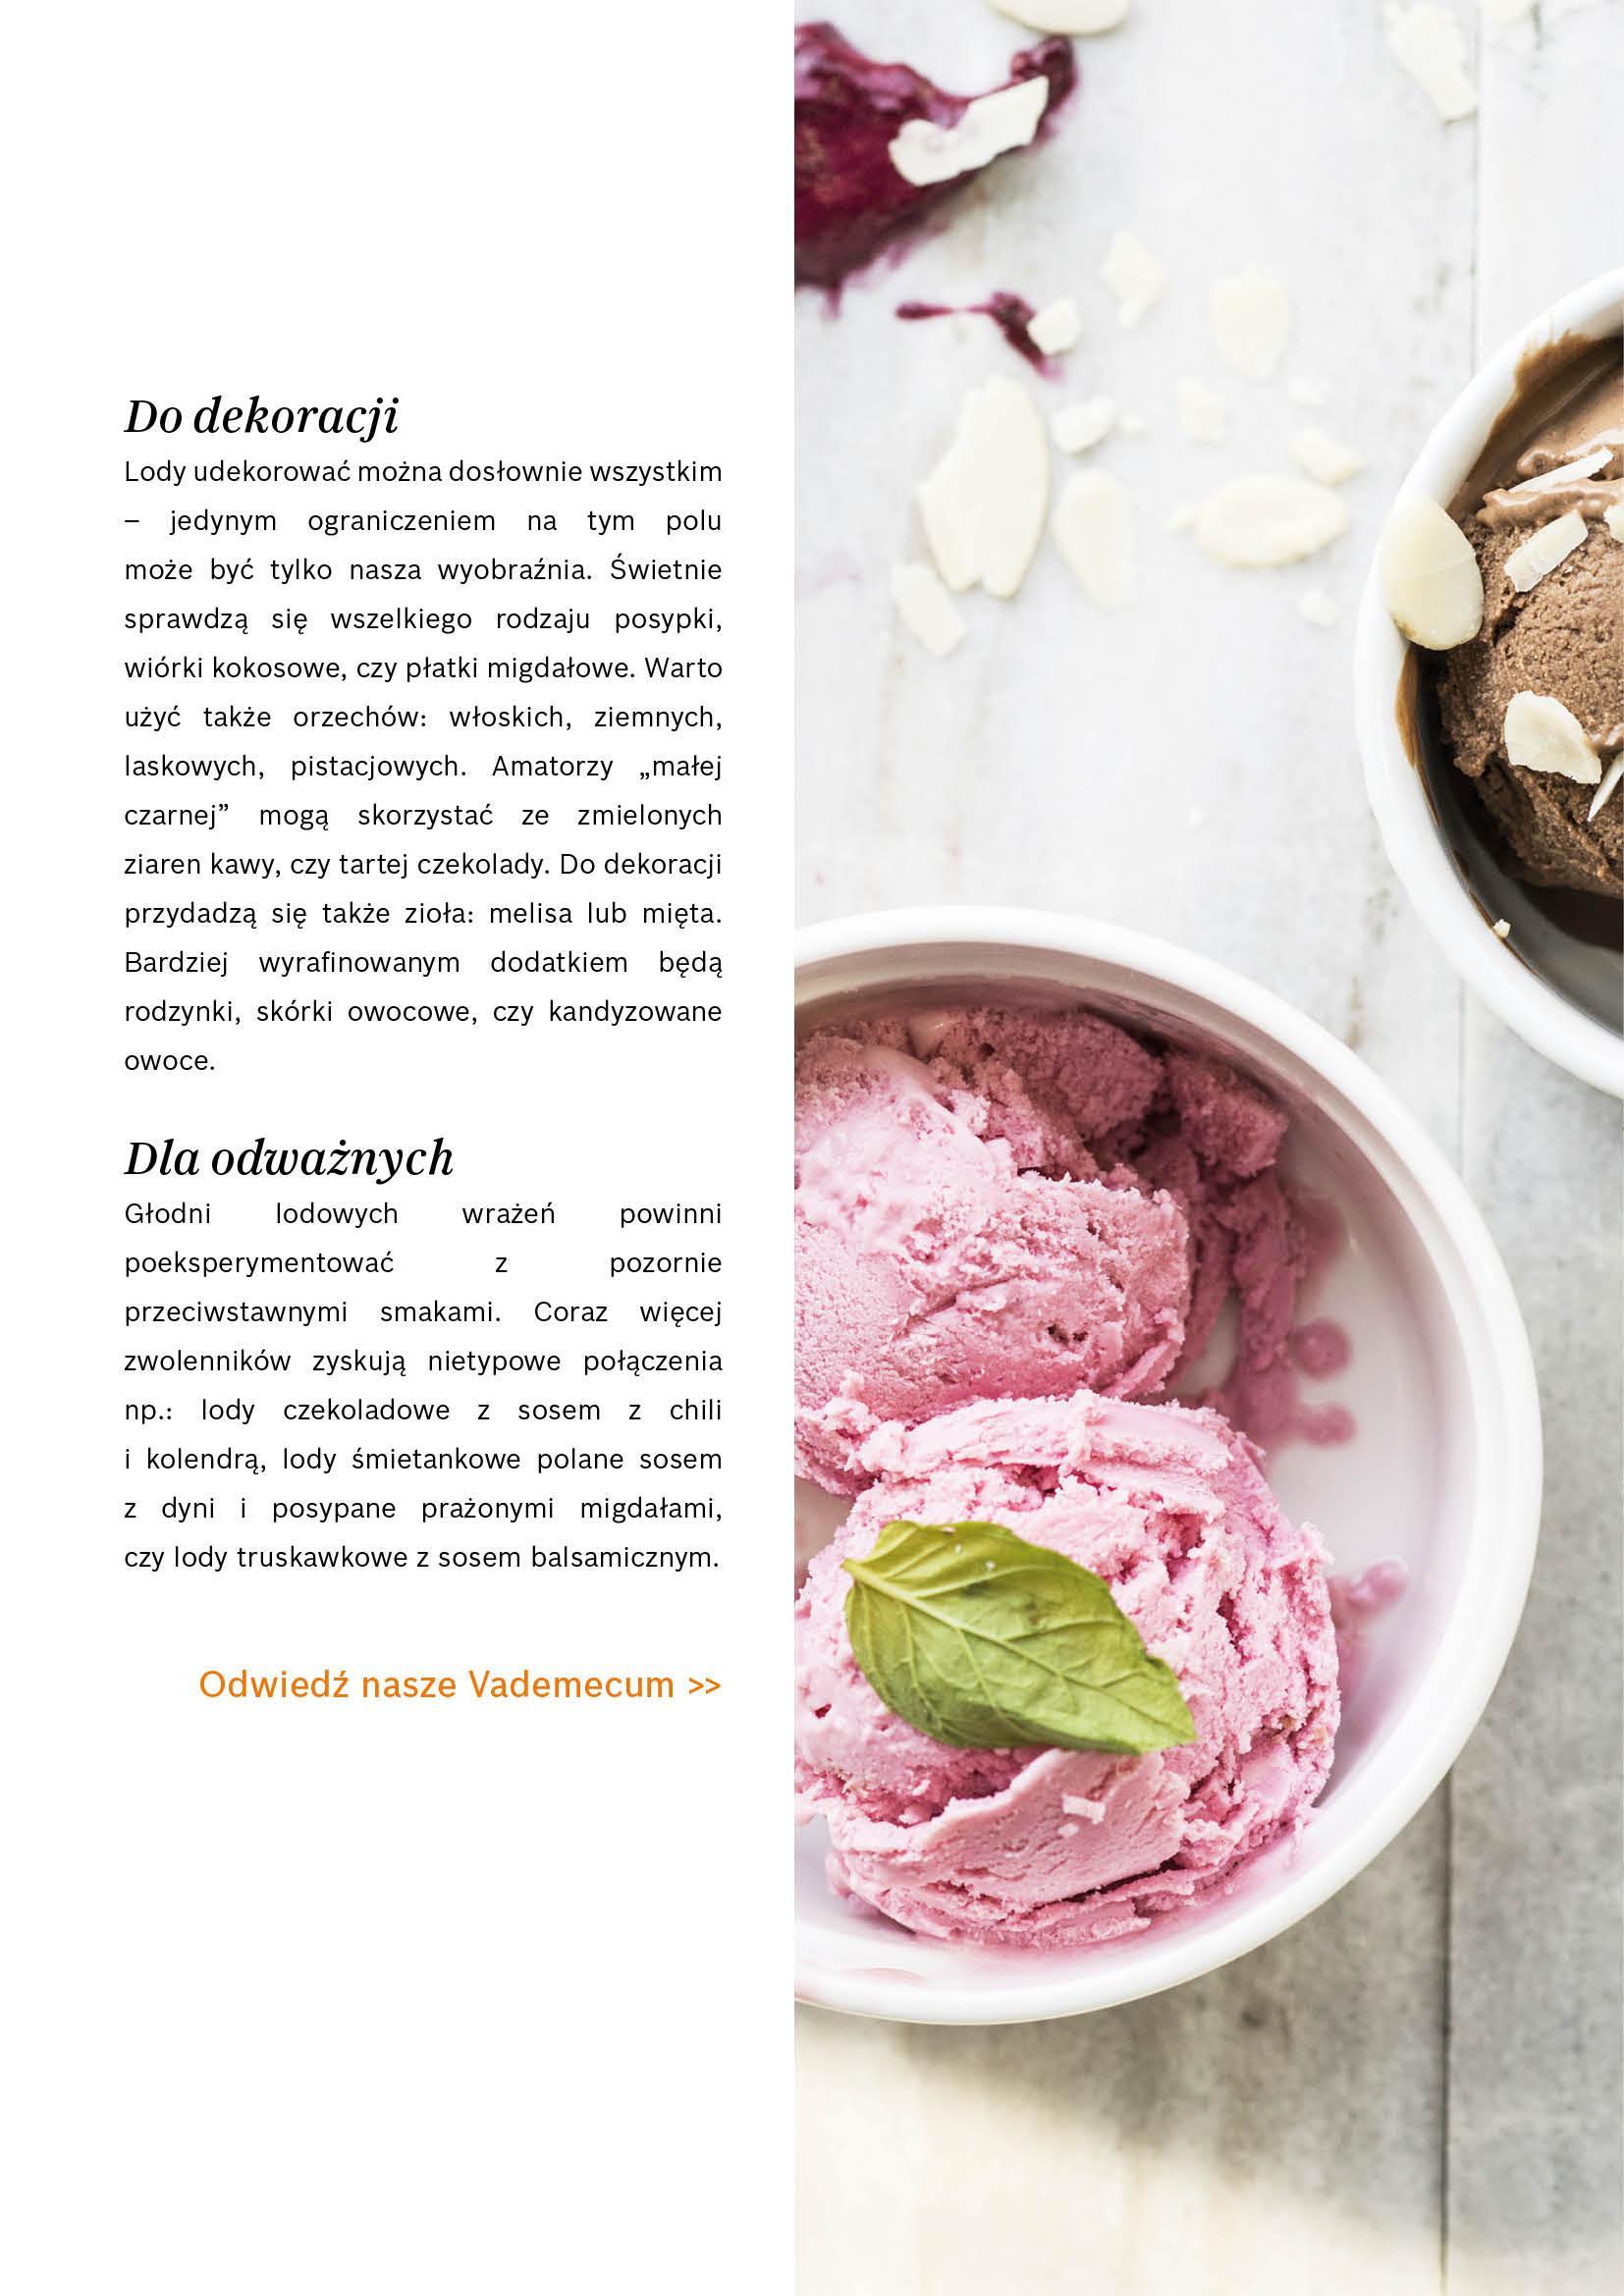 Sama słodycz - Strona 11